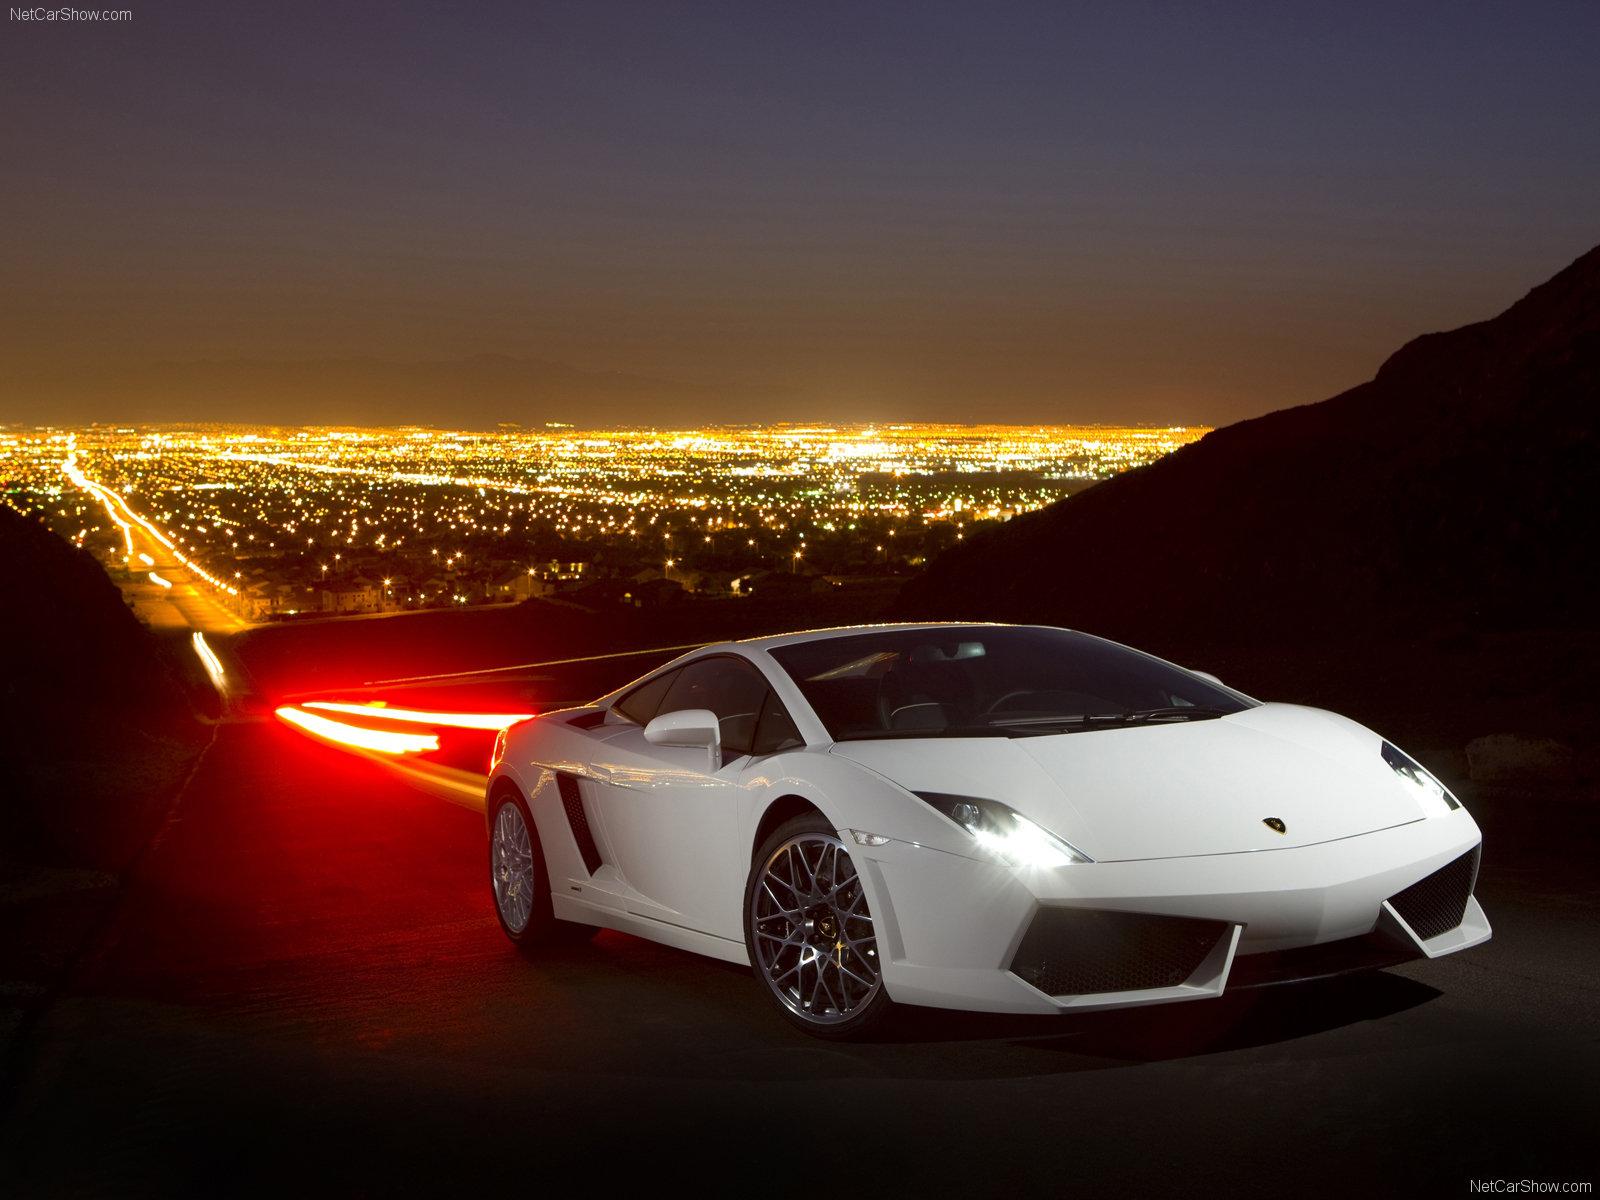 Lamborghini Gallardo Wallpapers Hd Jjp 3